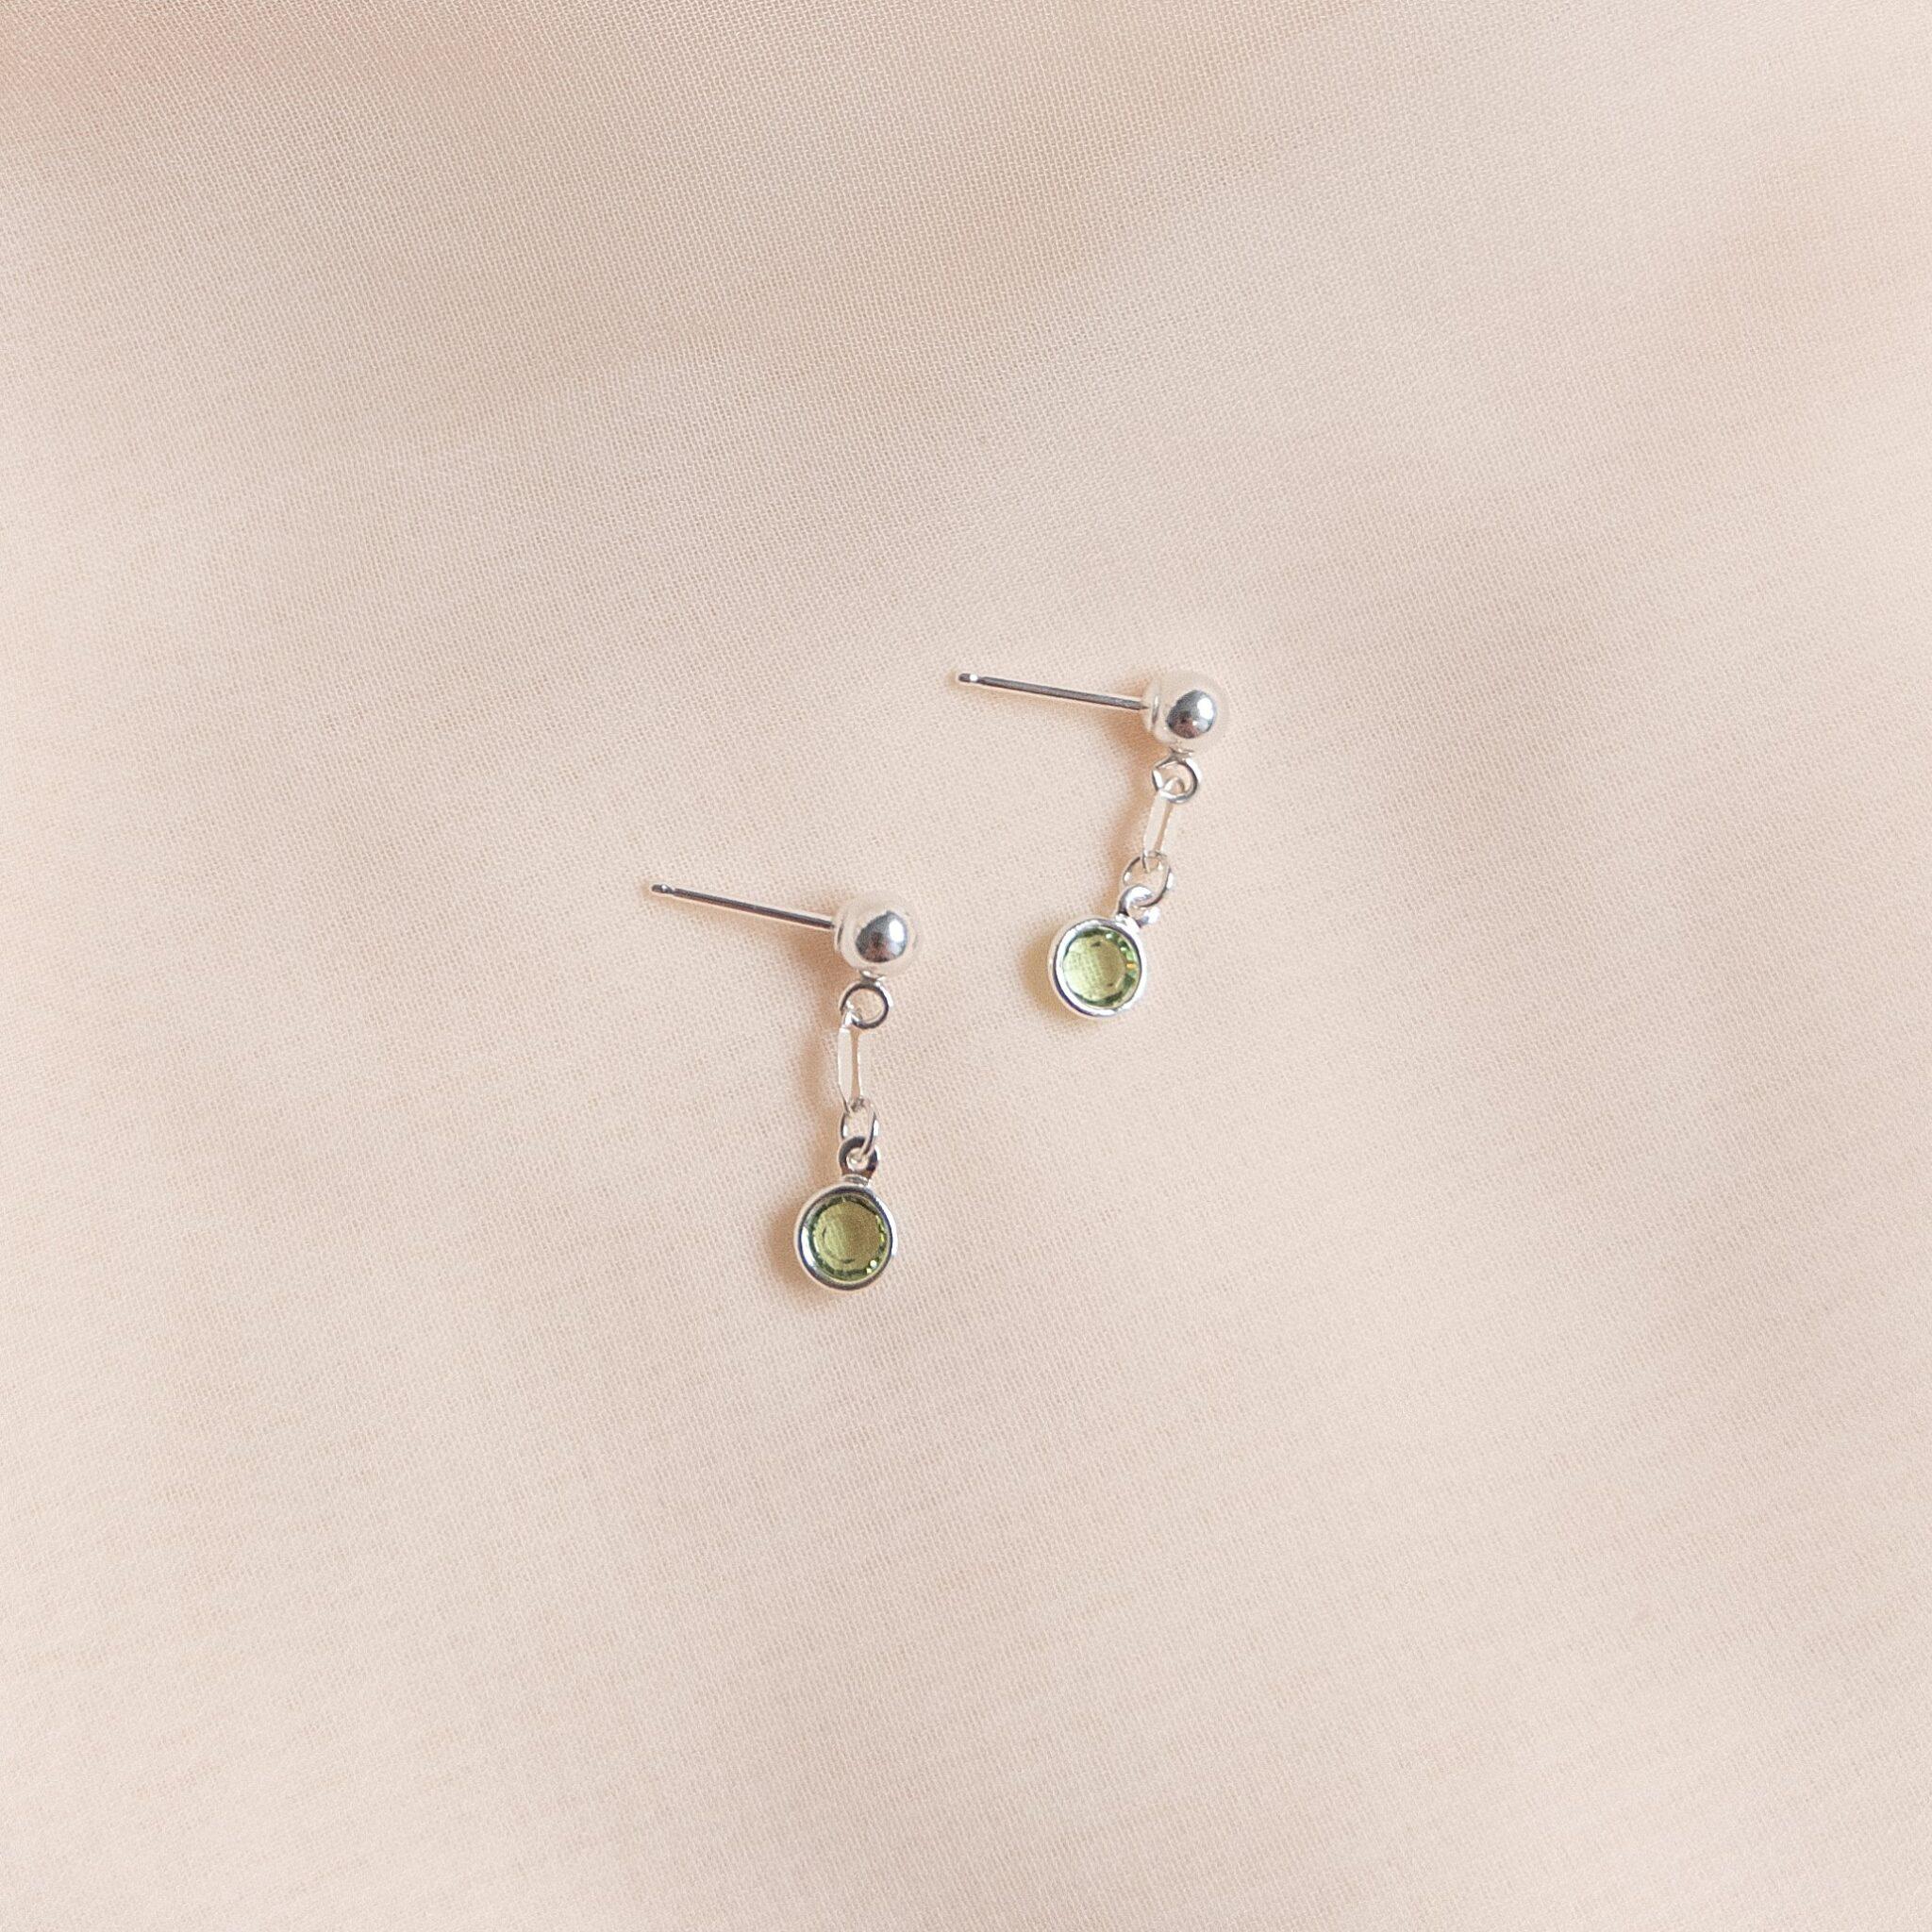 Gem Drop Earrings Peridot In Sterling Silver By Little Hangings